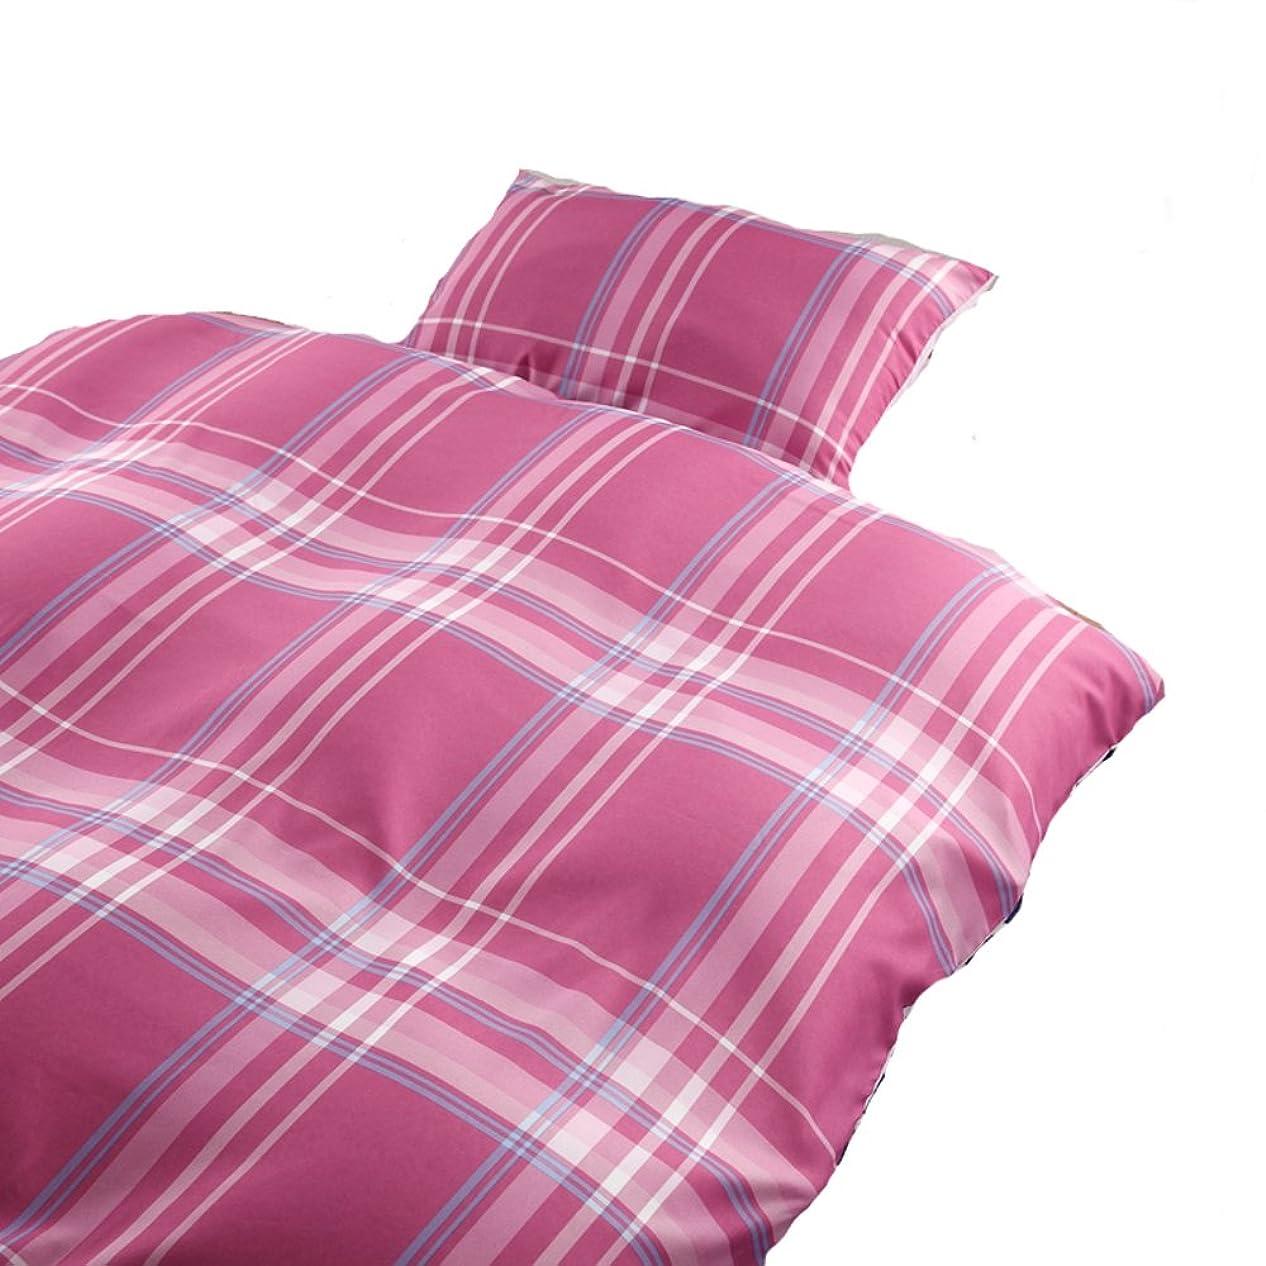 申し込む素晴らしさより平らなEFFECT 掛け布団 カバー 速乾 機能 付き おしゃれな テイスト 布団カバー しわになりにくい かわいい 掛布団カバー